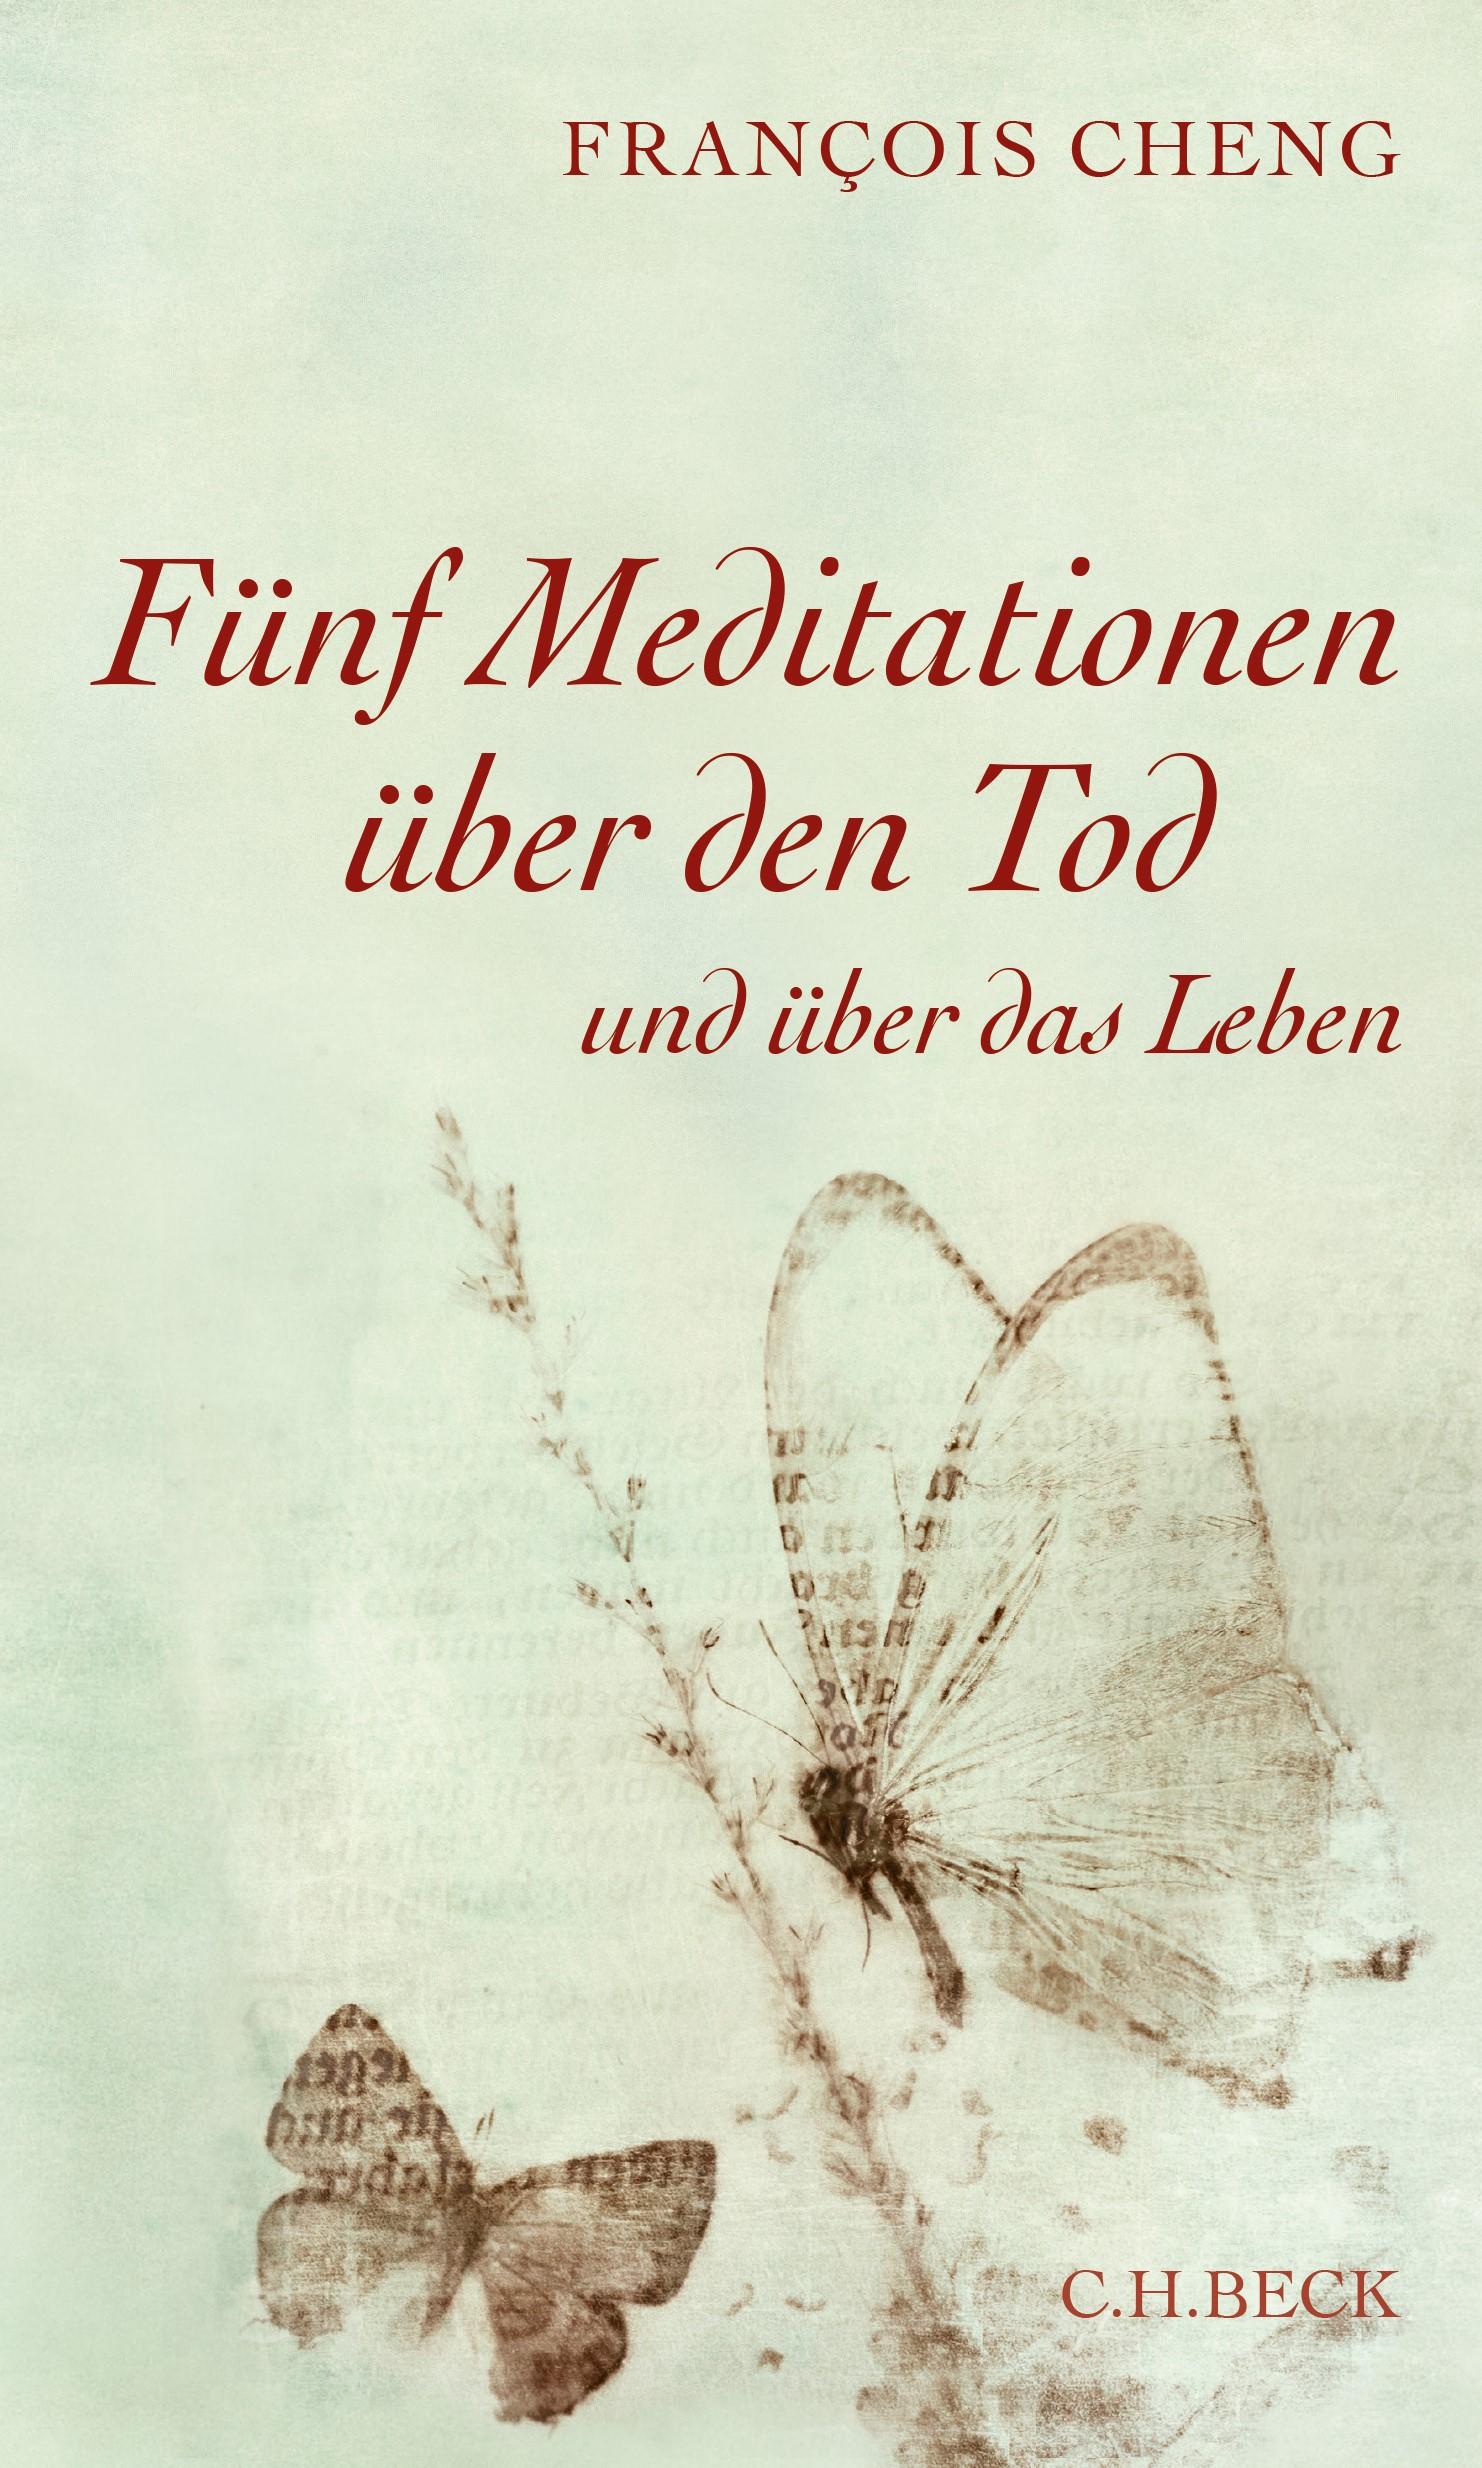 Cover des Buches 'Fünf Meditationen über den Tod'